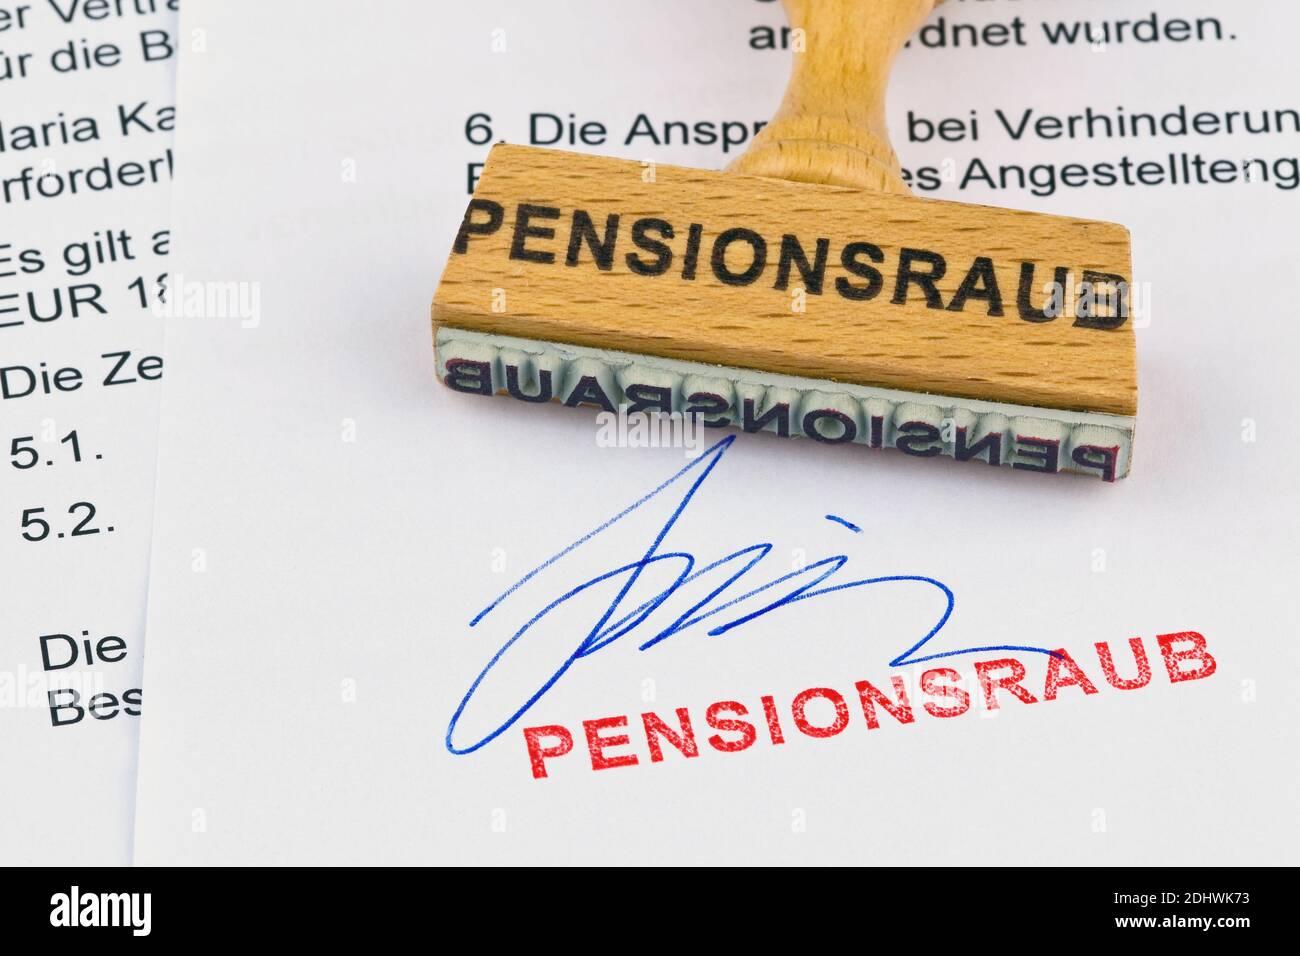 Ein Stempel aus Holz liegt auf einem Dokument. Aufschrift Pensionsraub Stock Photo